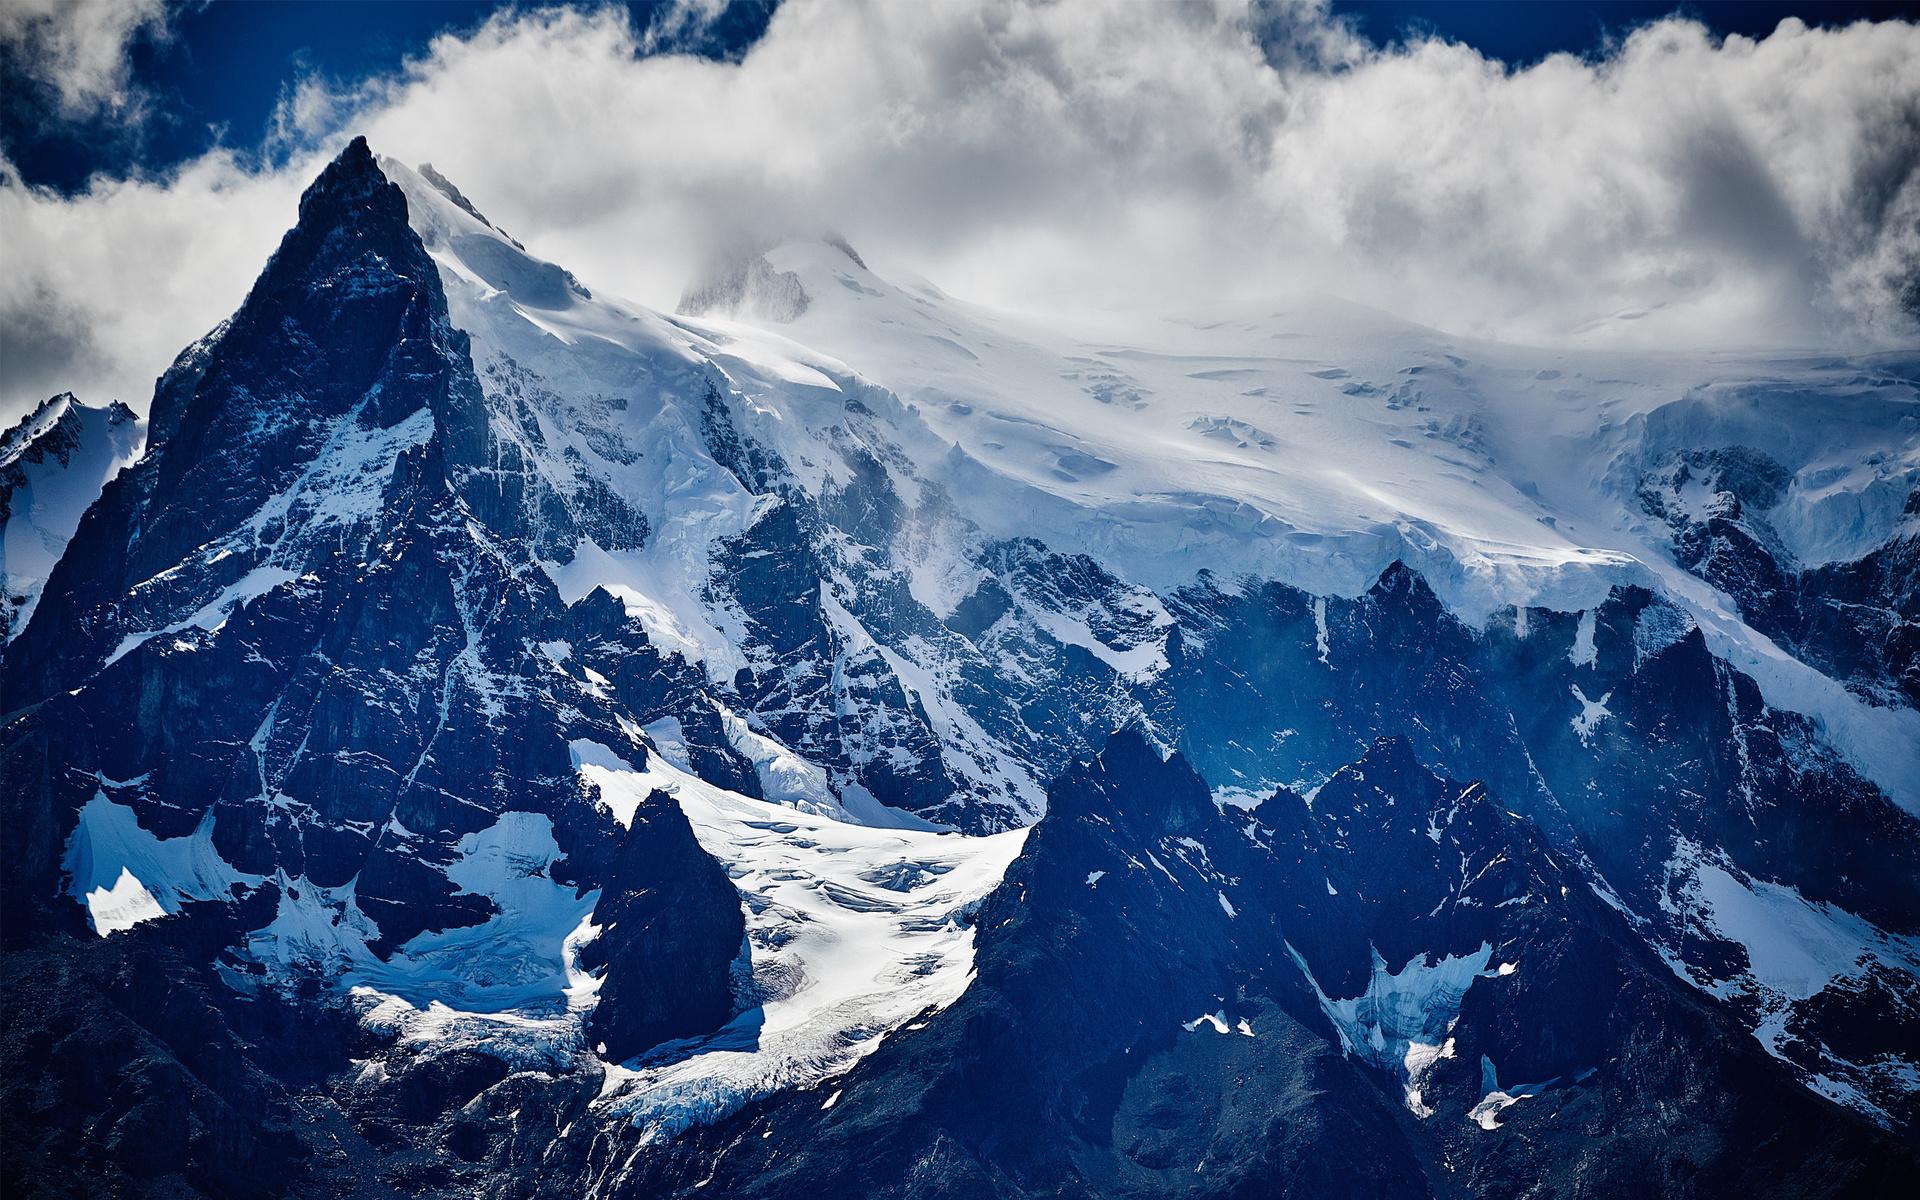 так красивые картинки про горы глазах миллионов